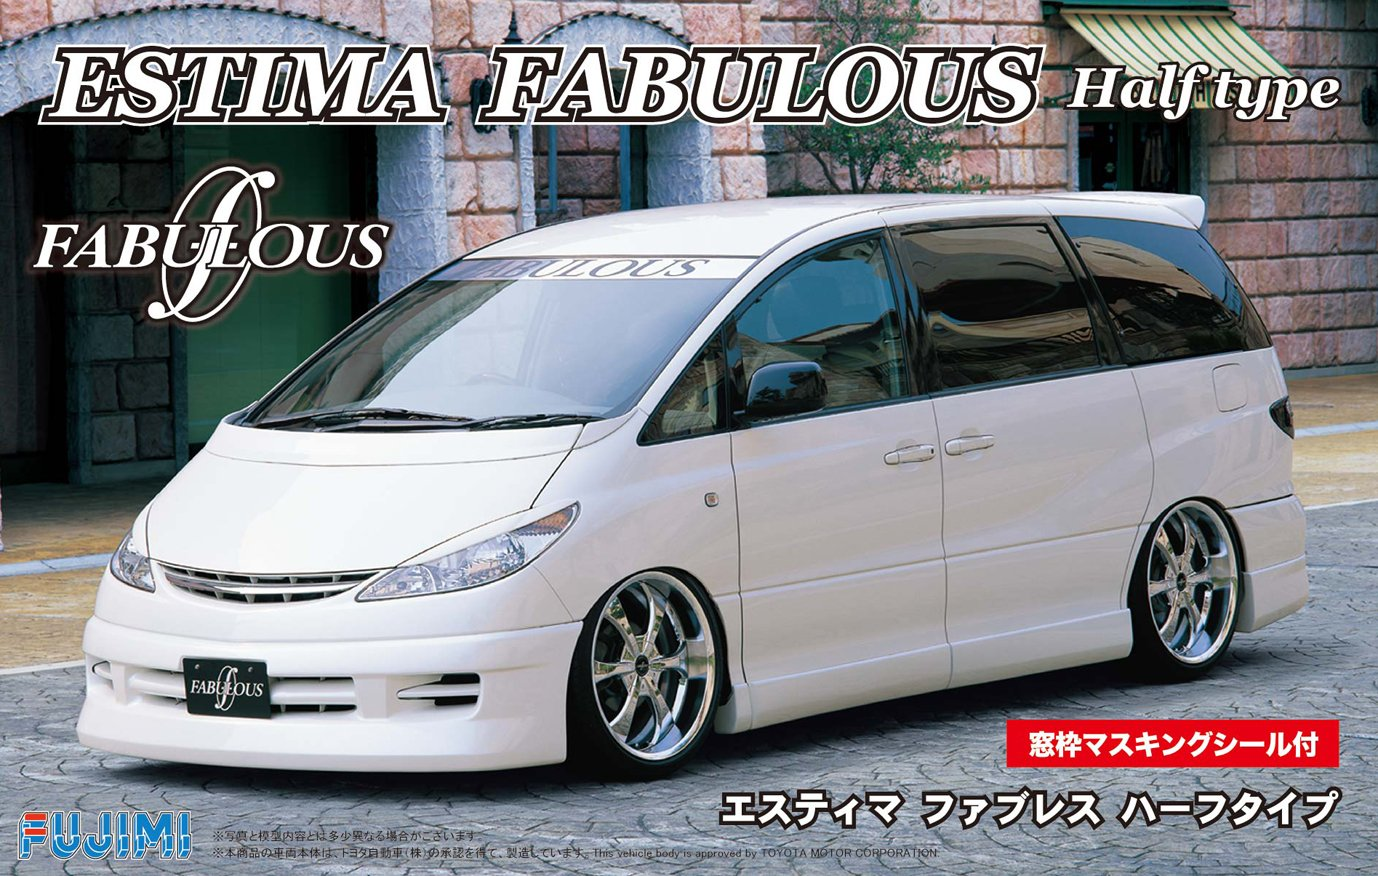 1 24 pollici fino serie No.71 Toyota Estima fabless tipo mezzo